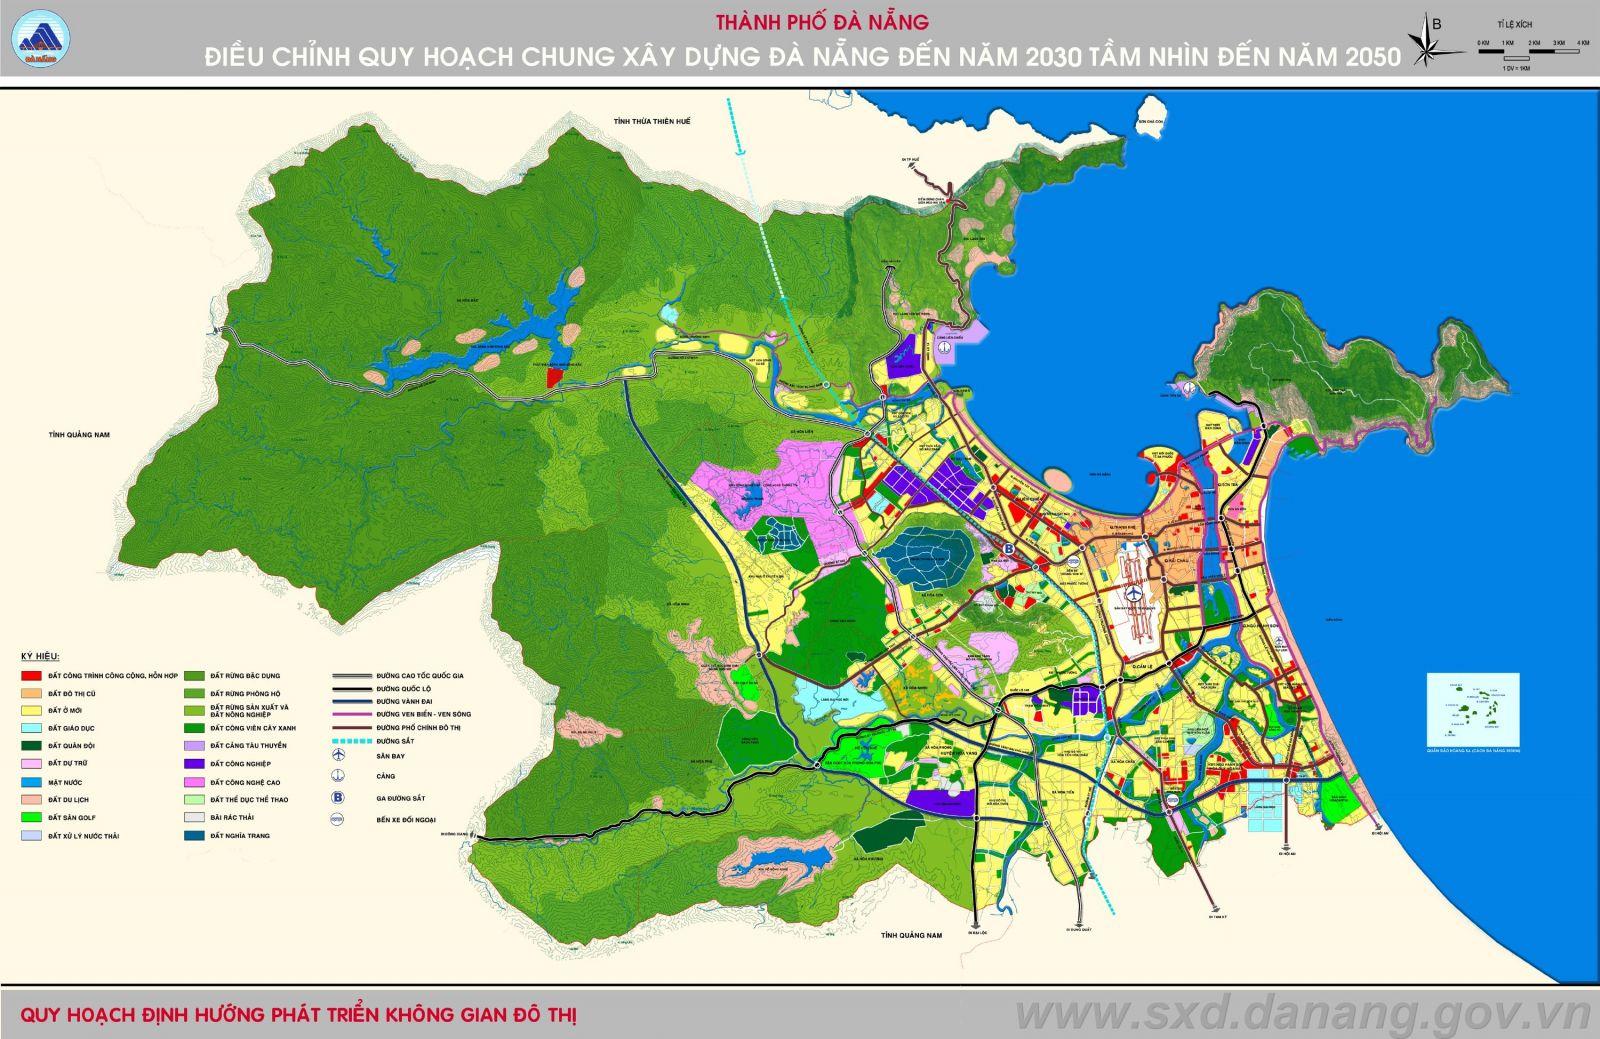 Chi tiết 12 phân khu của Đồ án điều chỉnh quy hoạch chung thành phố Đà Nẵng